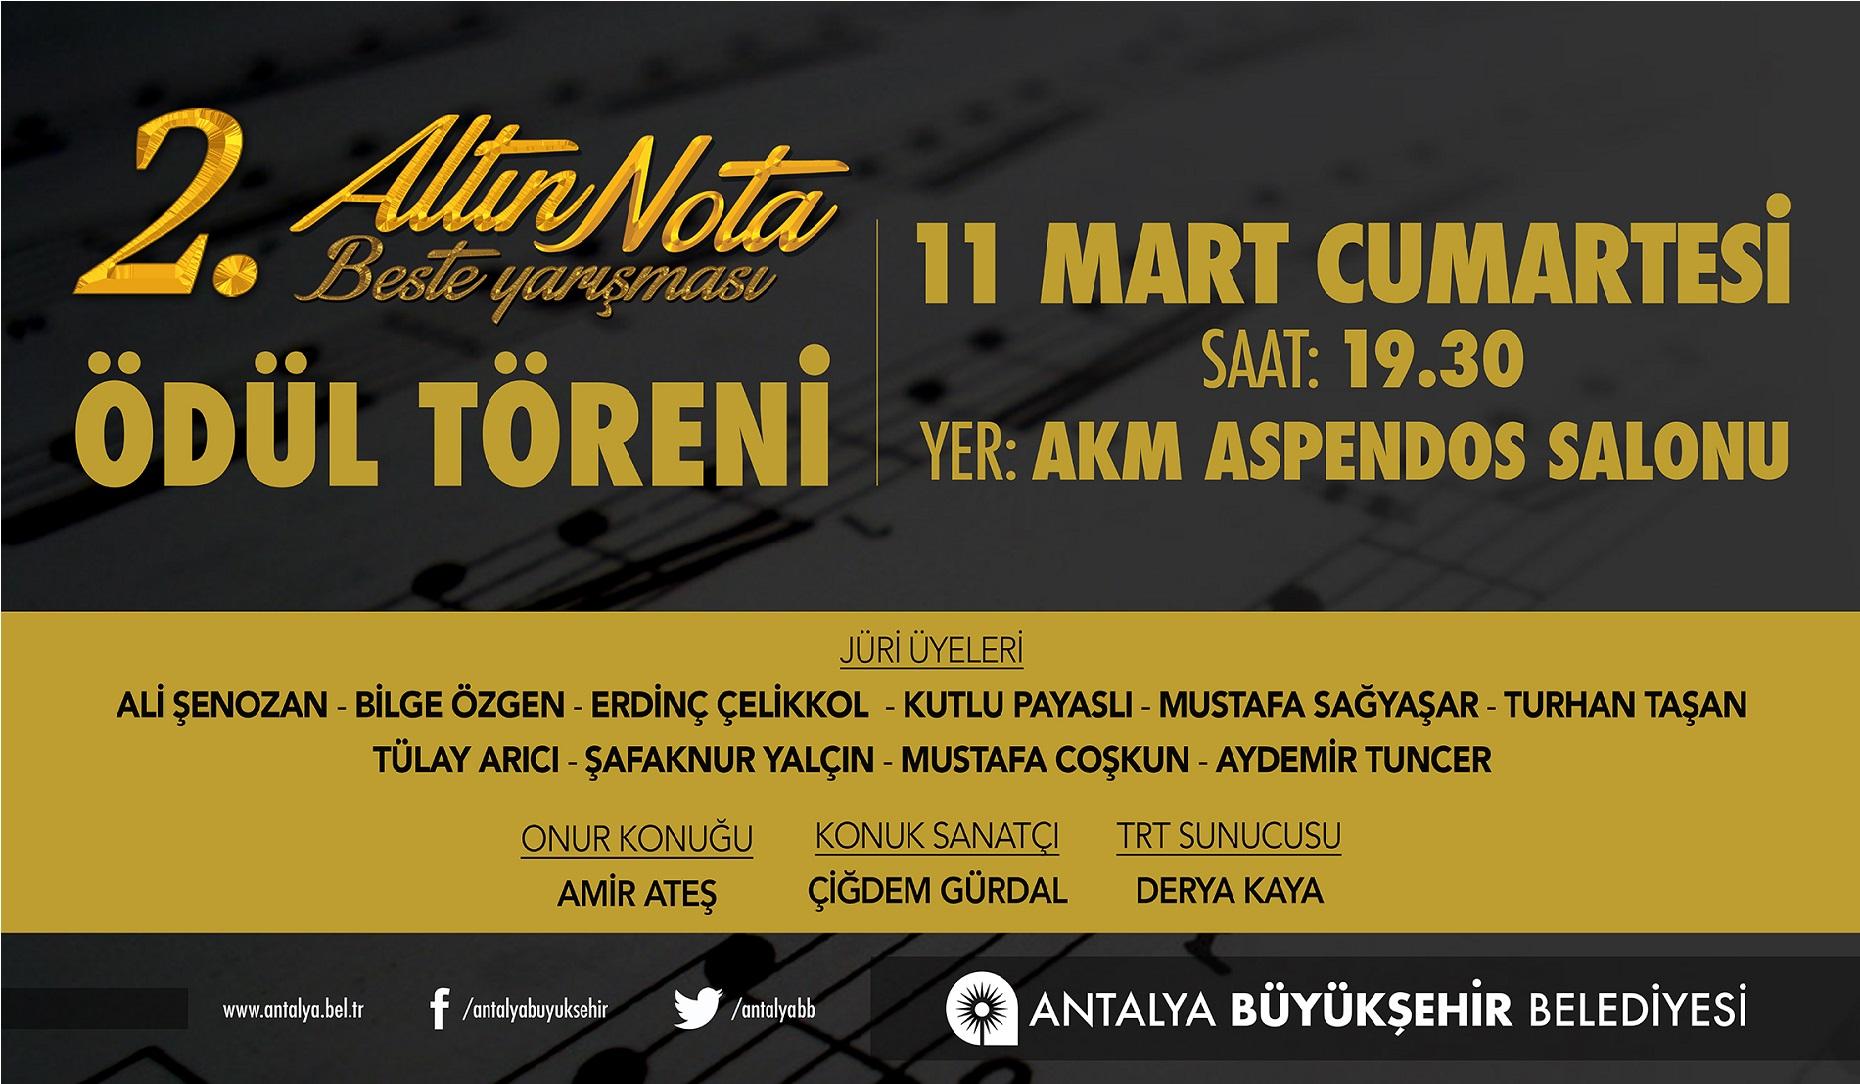 Antalya Büyükşehir Belediyesi 2. Altın Nota Türk Sanat Müziği Beste (Şarkı) Yarışması 2017'' Altinnota Toren 2017 2018